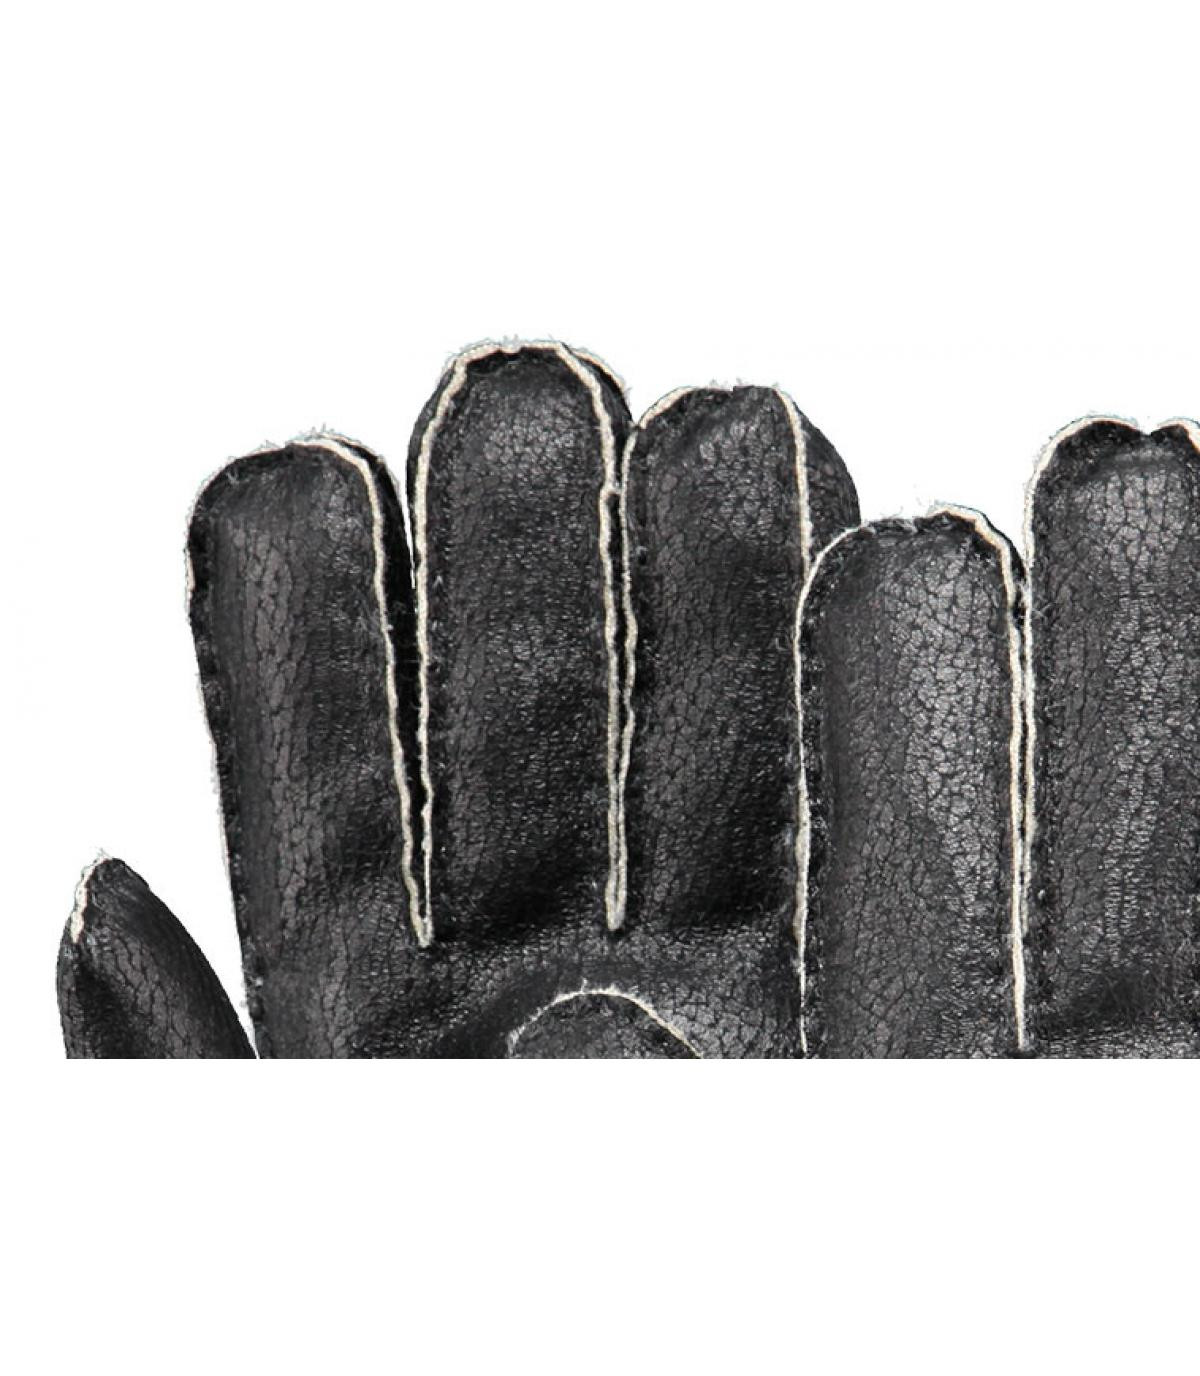 Details Chakku Handschuhe für Herren schwarz - Abbildung 2